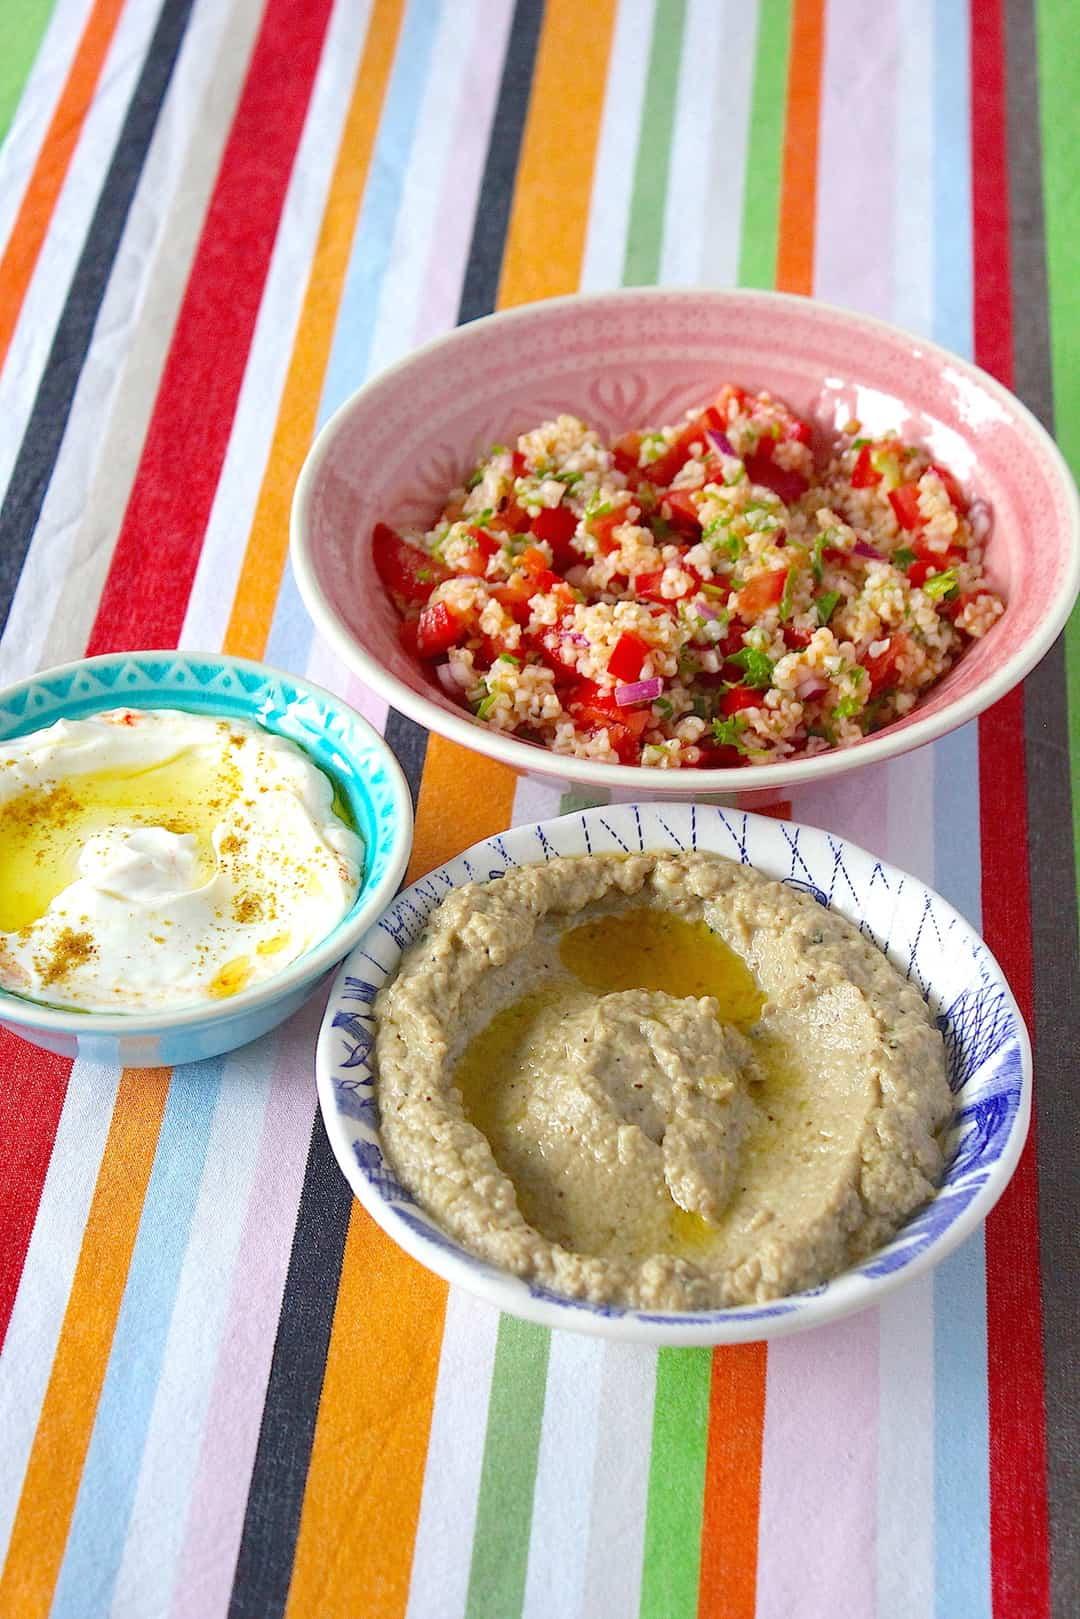 Lekkers uit de Syrische keuken | ENJOY! The Good Life